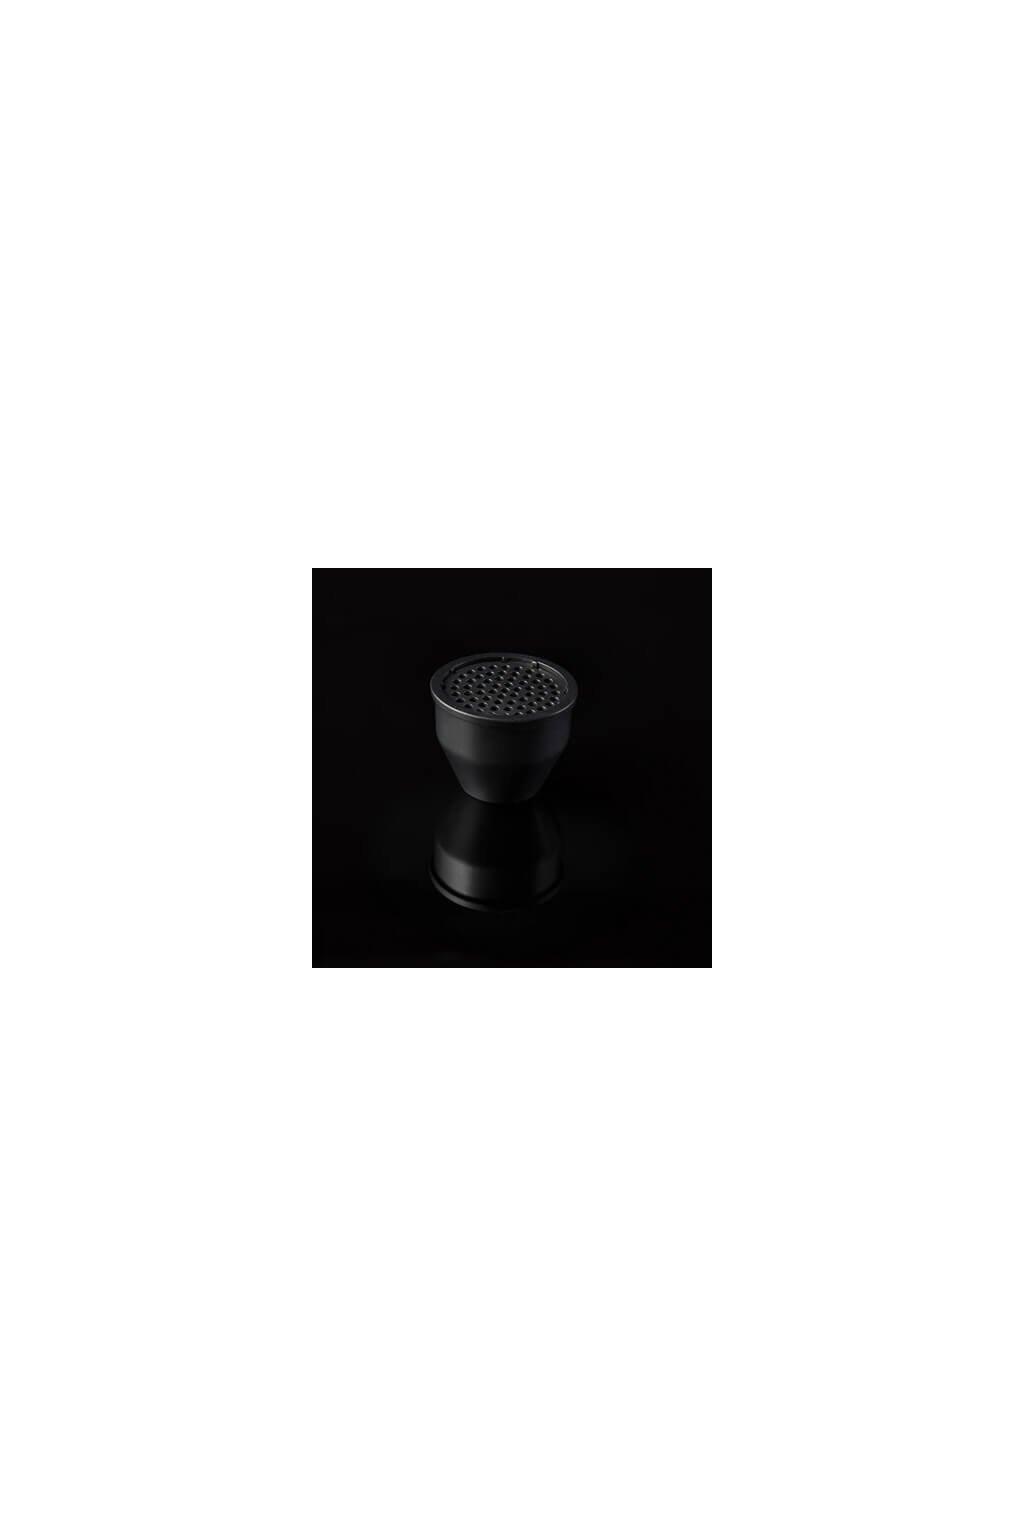 Kaloud Ayara Activated Carbon Filters 10 pcs